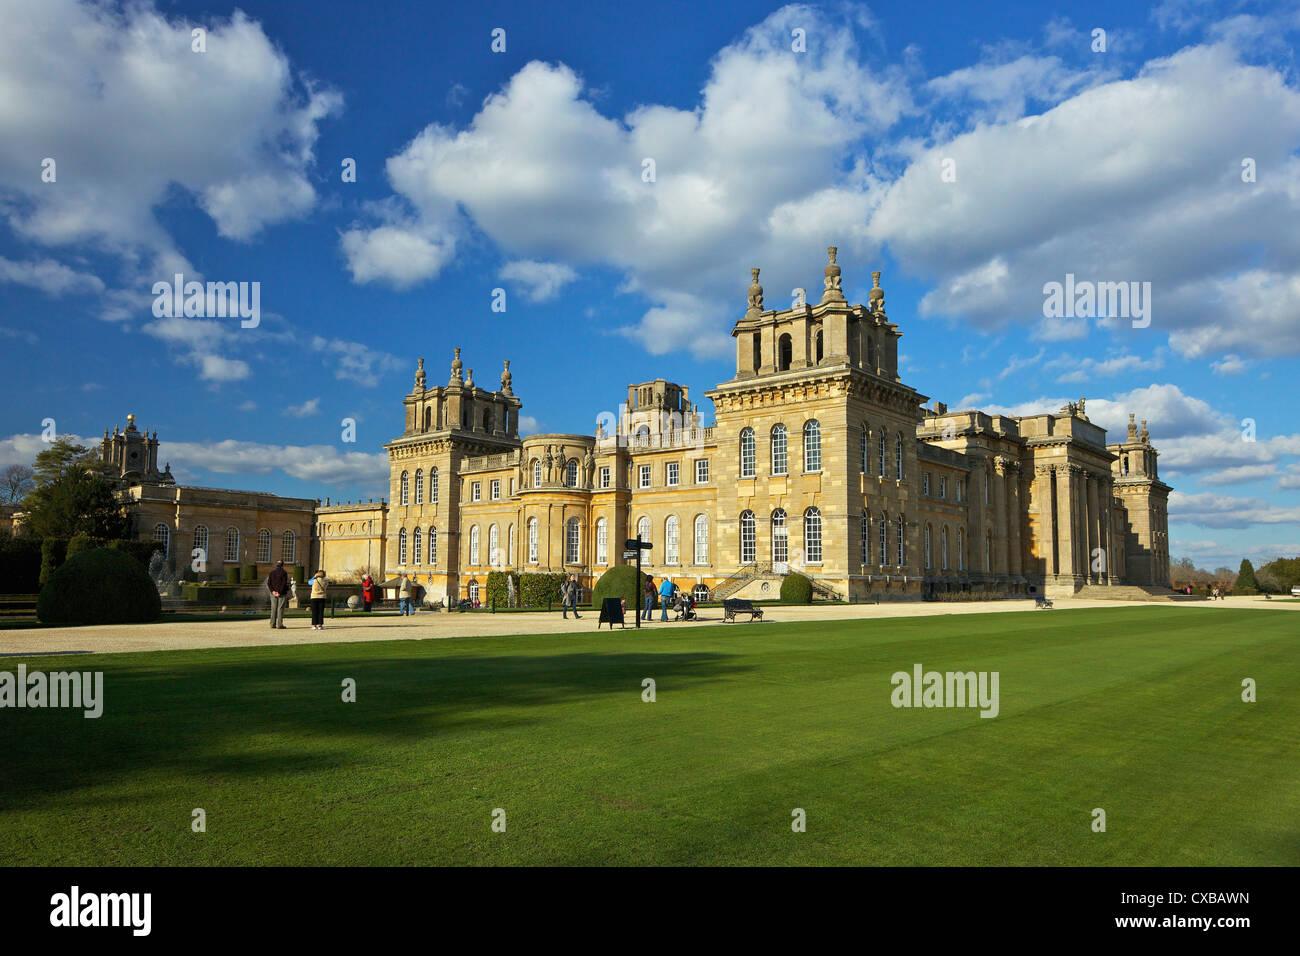 El Palacio de Blenheim, Sitio del Patrimonio Mundial de la UNESCO, Woodstock, Oxfordshire, Inglaterra, Reino Unido, Imagen De Stock